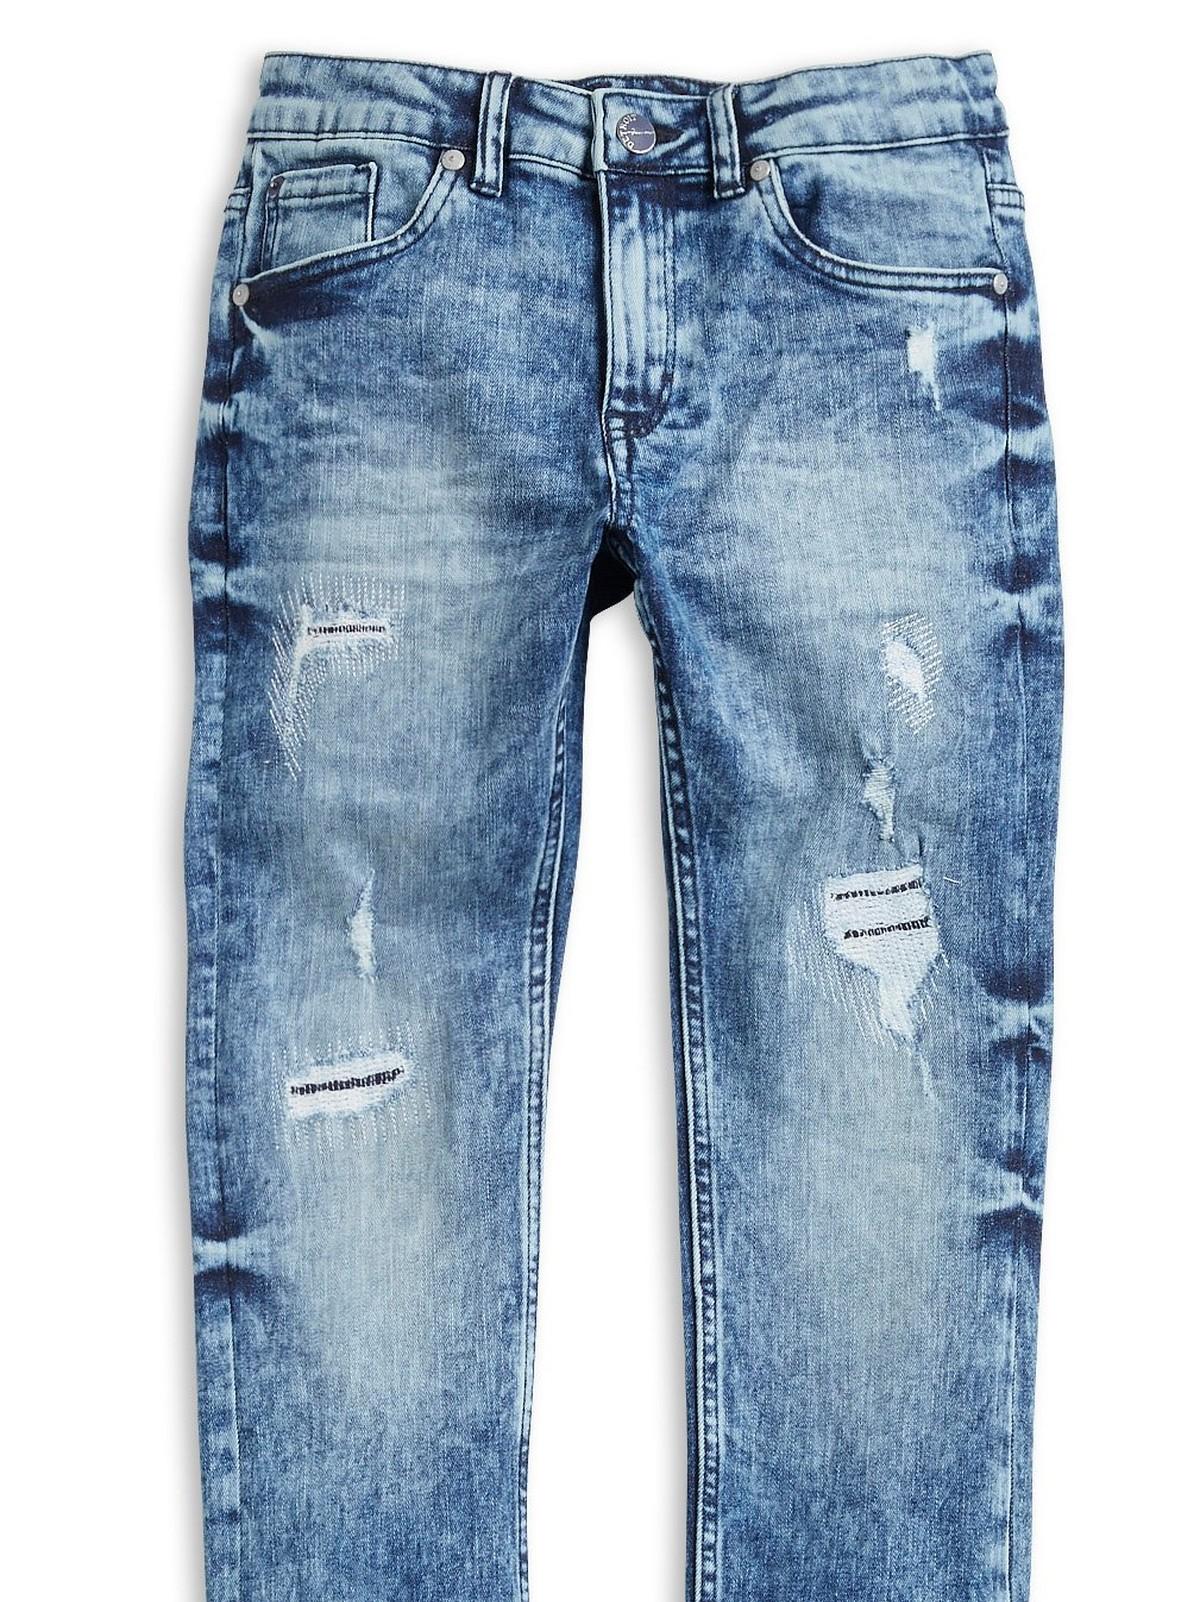 Byxor, jeans och shorts i Ljungby